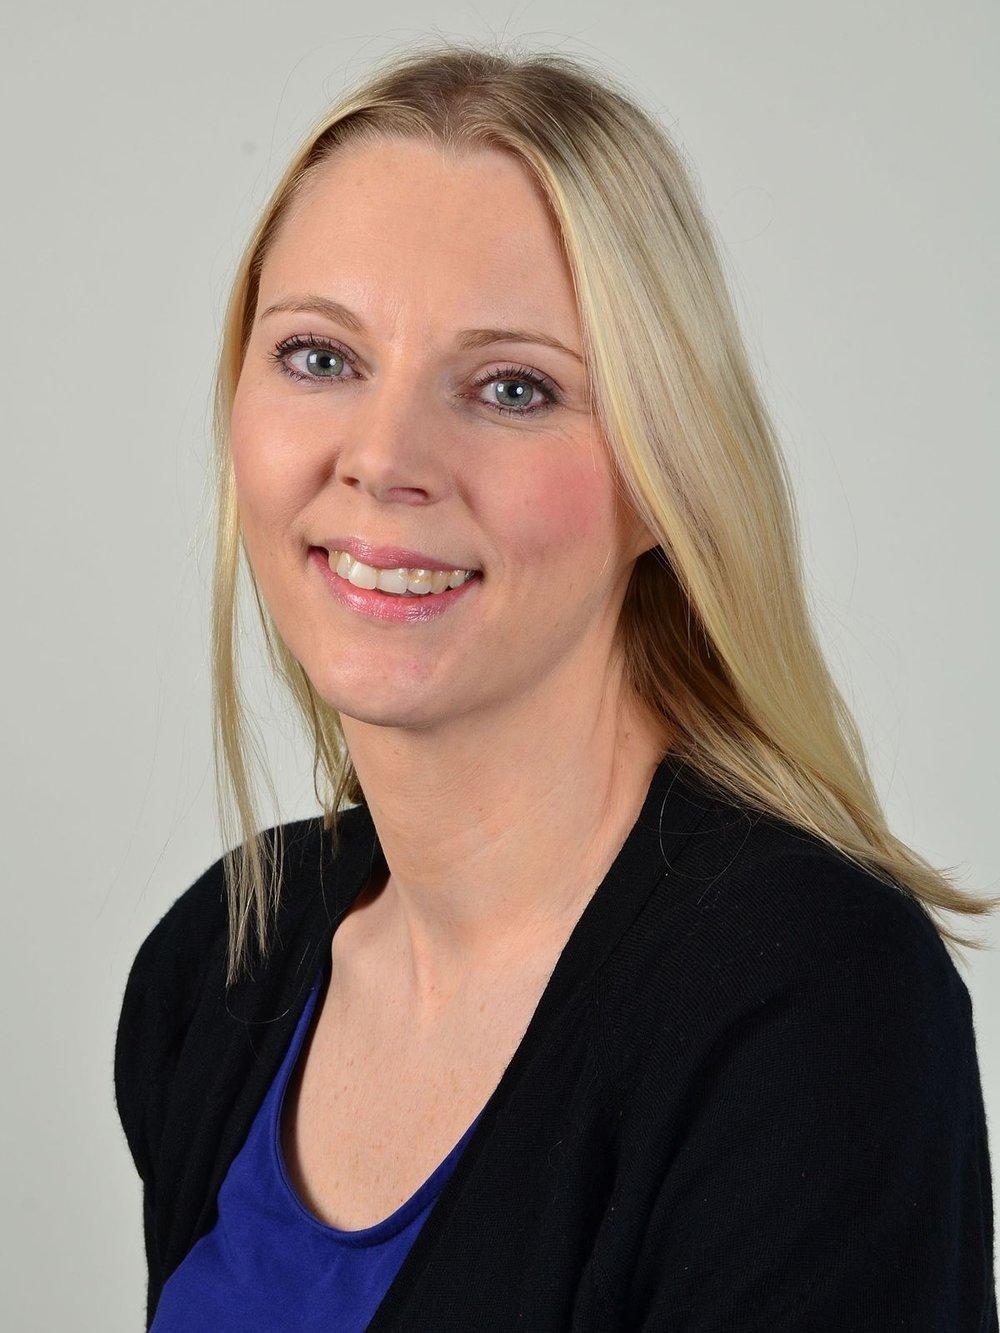 lördag 16:00 - 16.15 Åsa Westlund   Ordf. Miljö- och jordbruksutskottet (Socialdemokraterna)